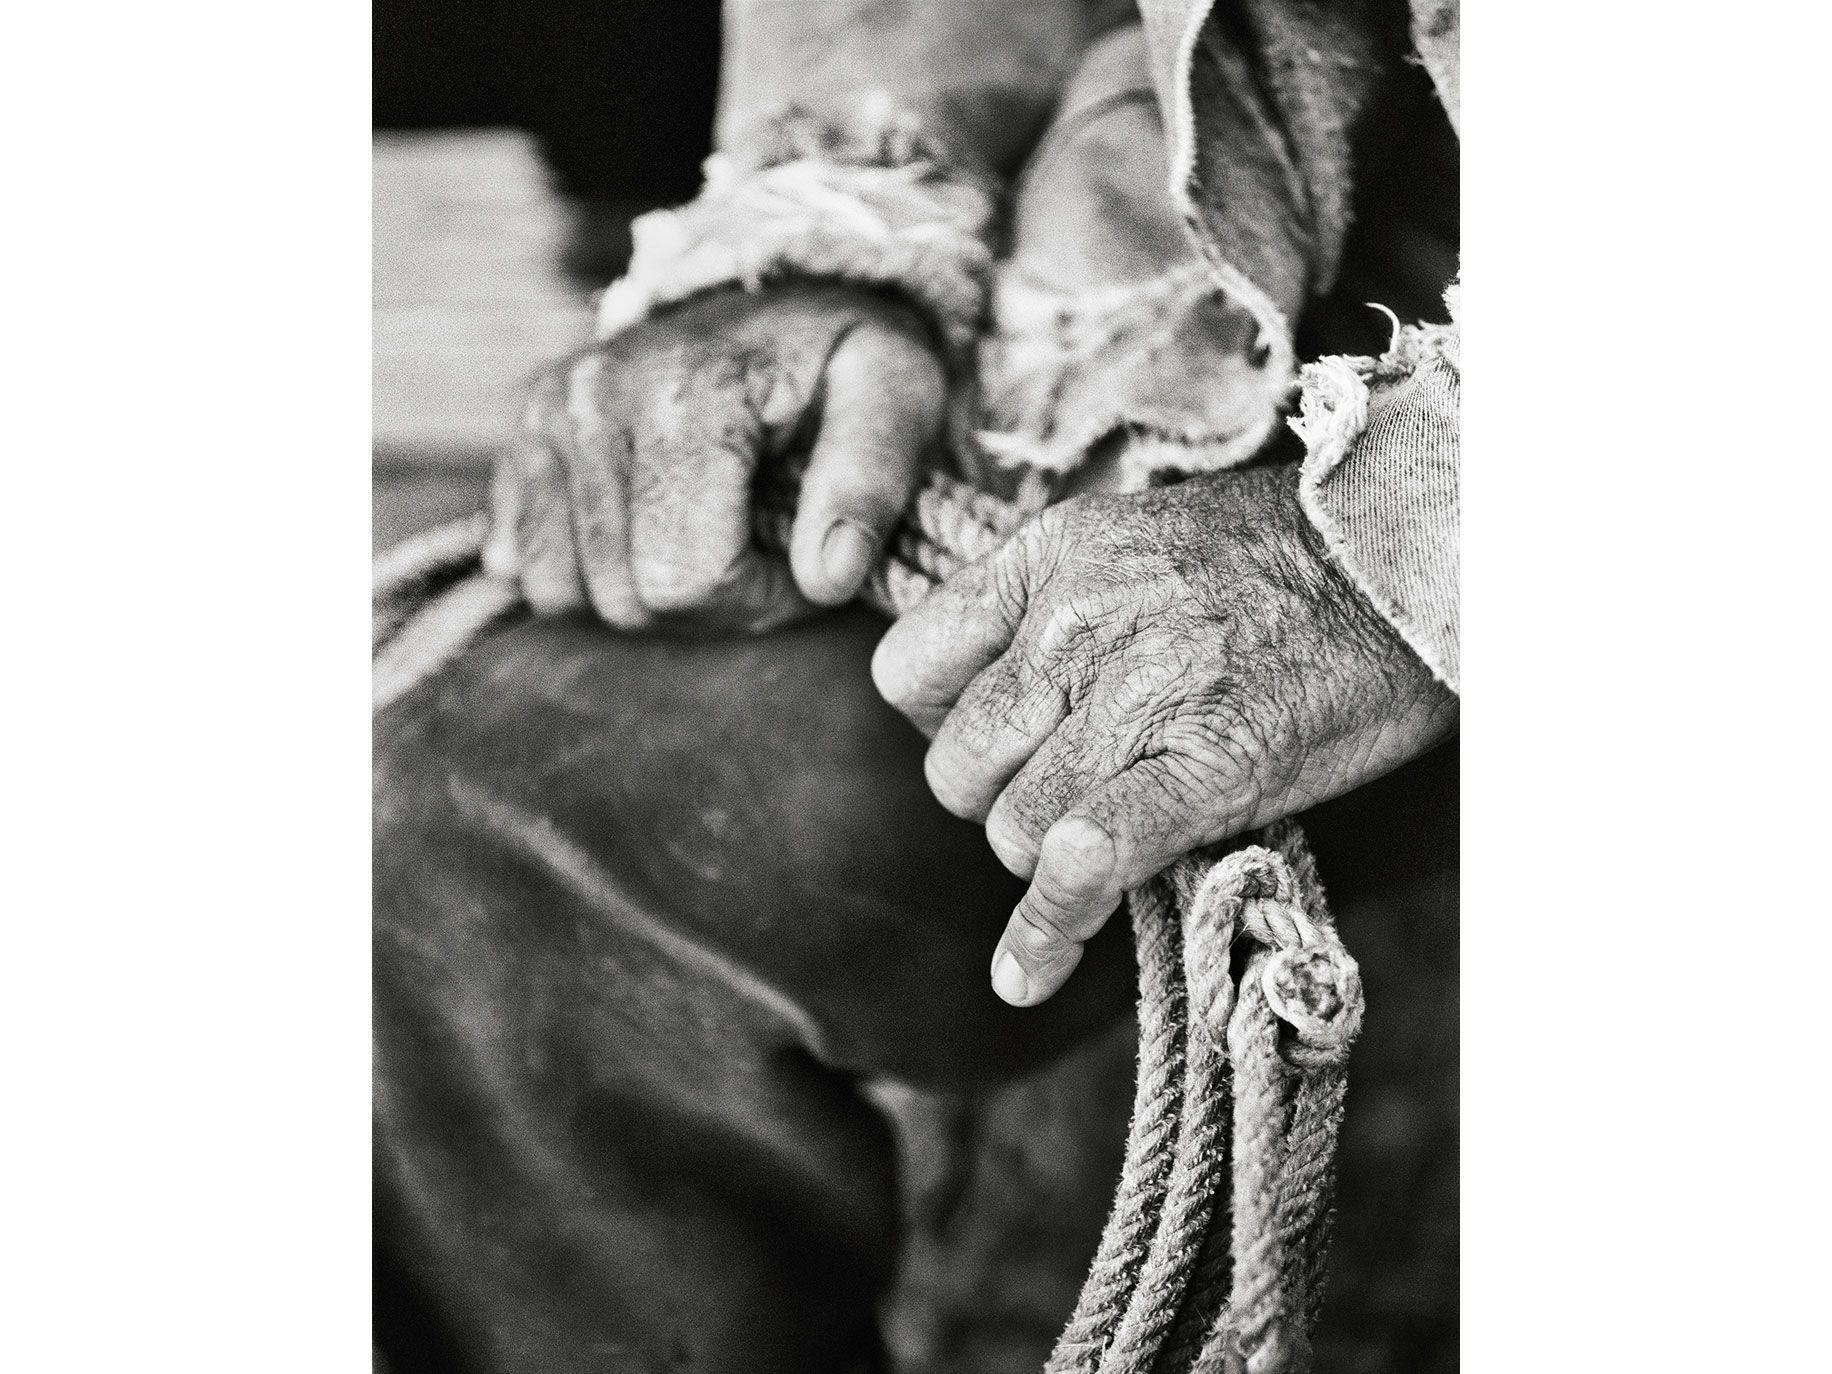 Hands & Honda, Jim O'Haco, O'Haco Cattle Company, Coconino County, Ariz., 2006.